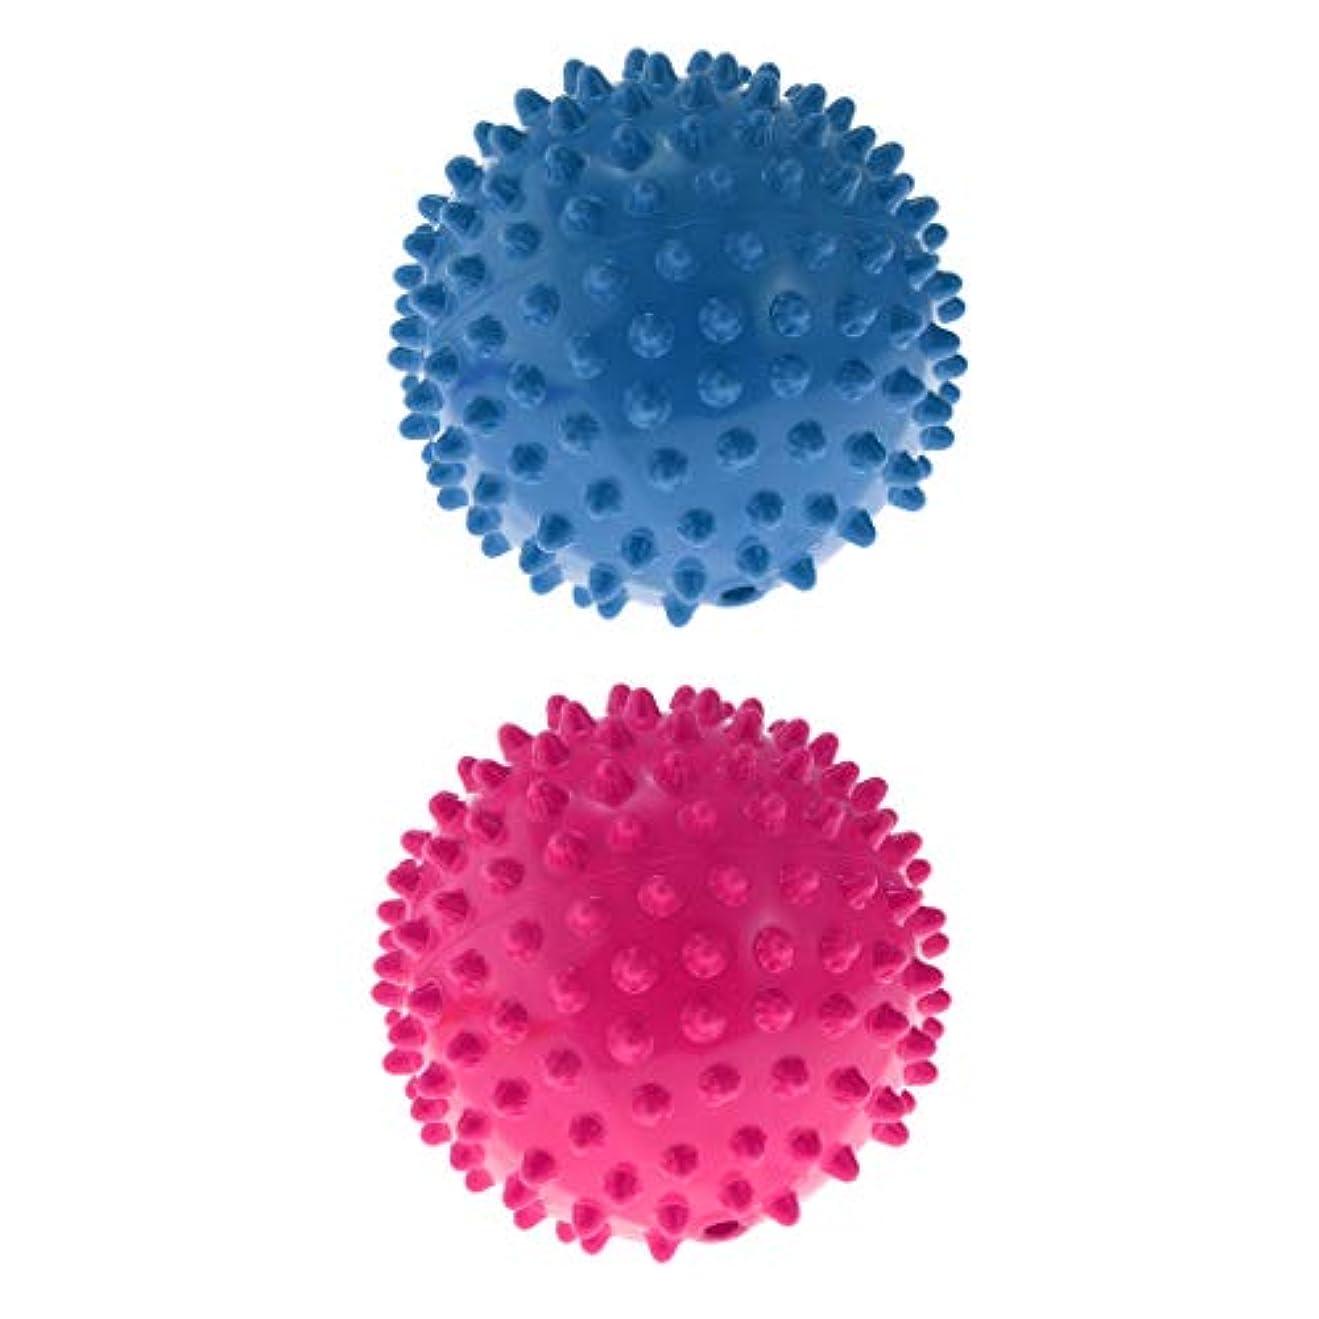 コントローラ責める責めるCUTICATE 指圧マッサージボール ローラーボール マッサージローラー トリガーポイント 疲労軽減 痛み緩和